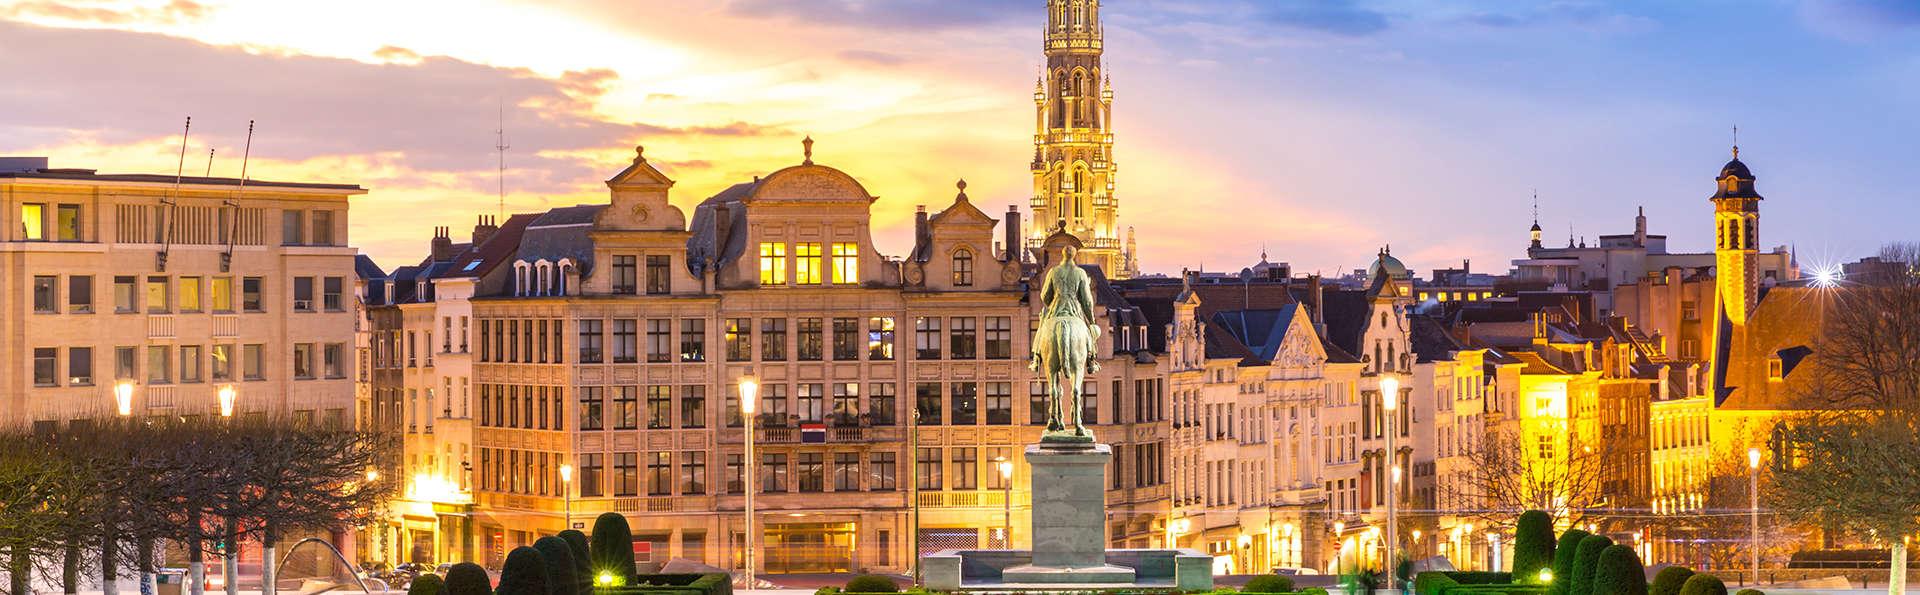 Wellness en lekkernijen in Brussel